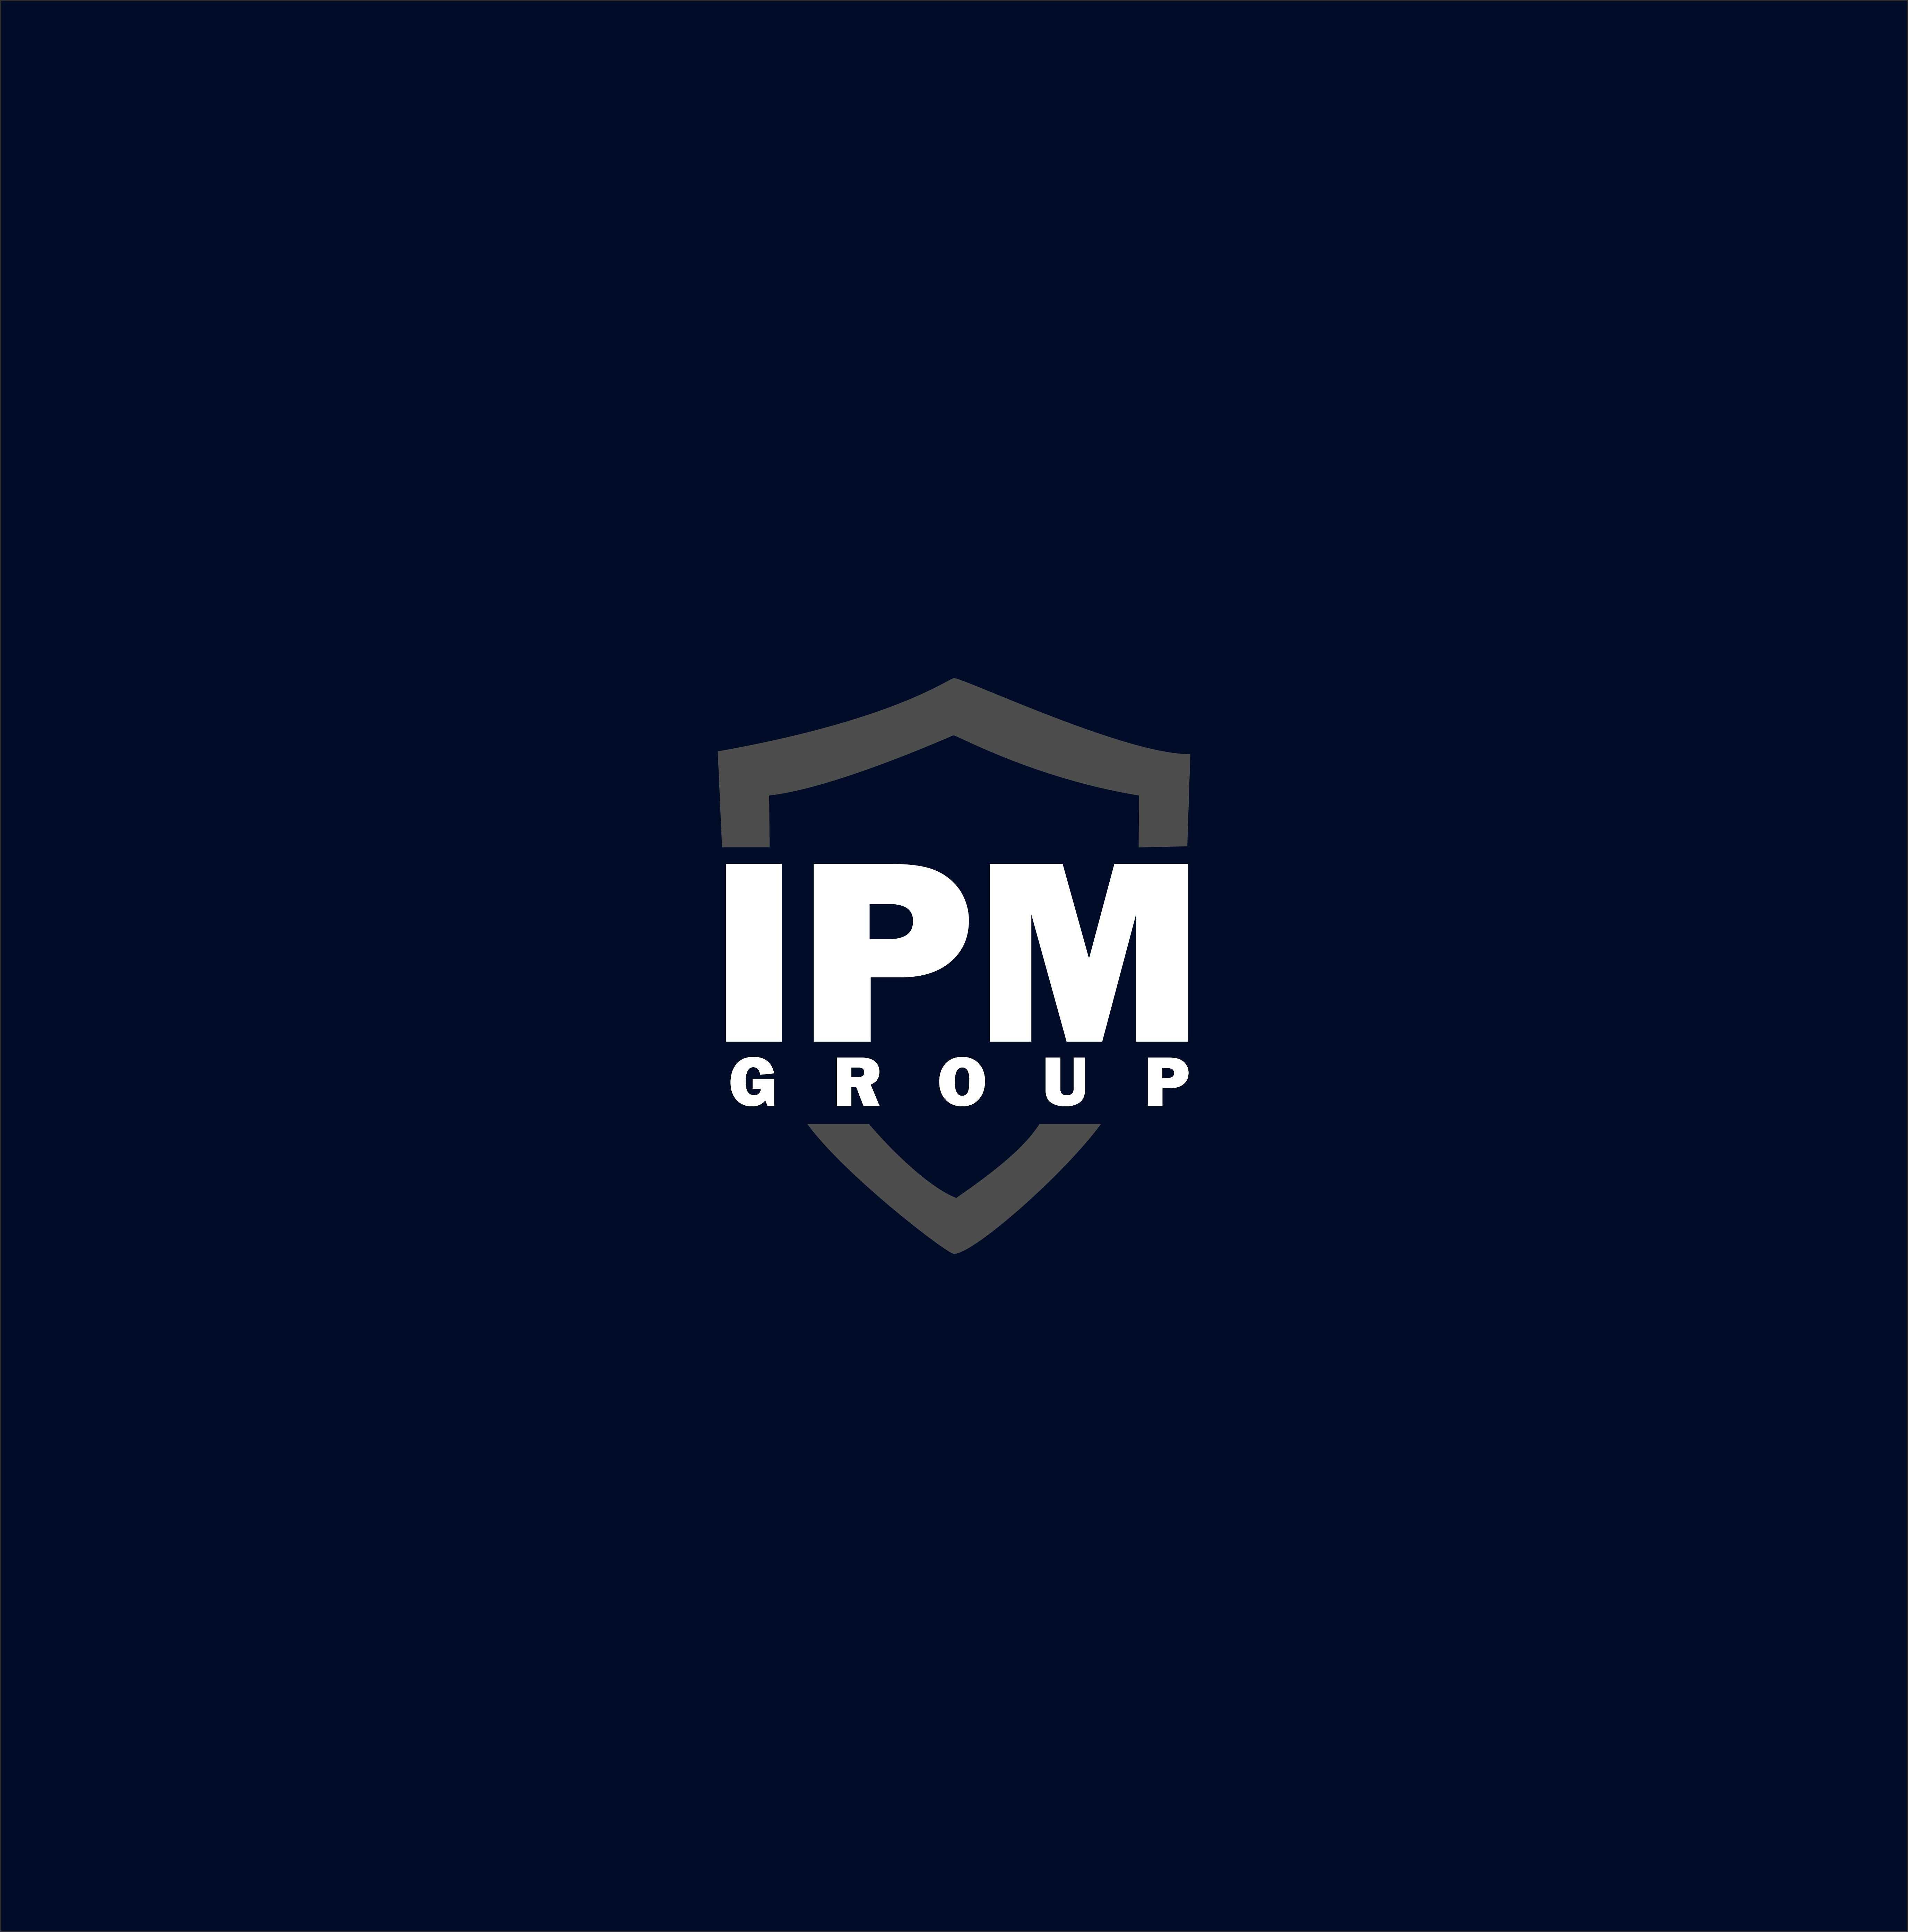 Разработка логотипа для управляющей компании фото f_9725f82fcff711ed.jpg